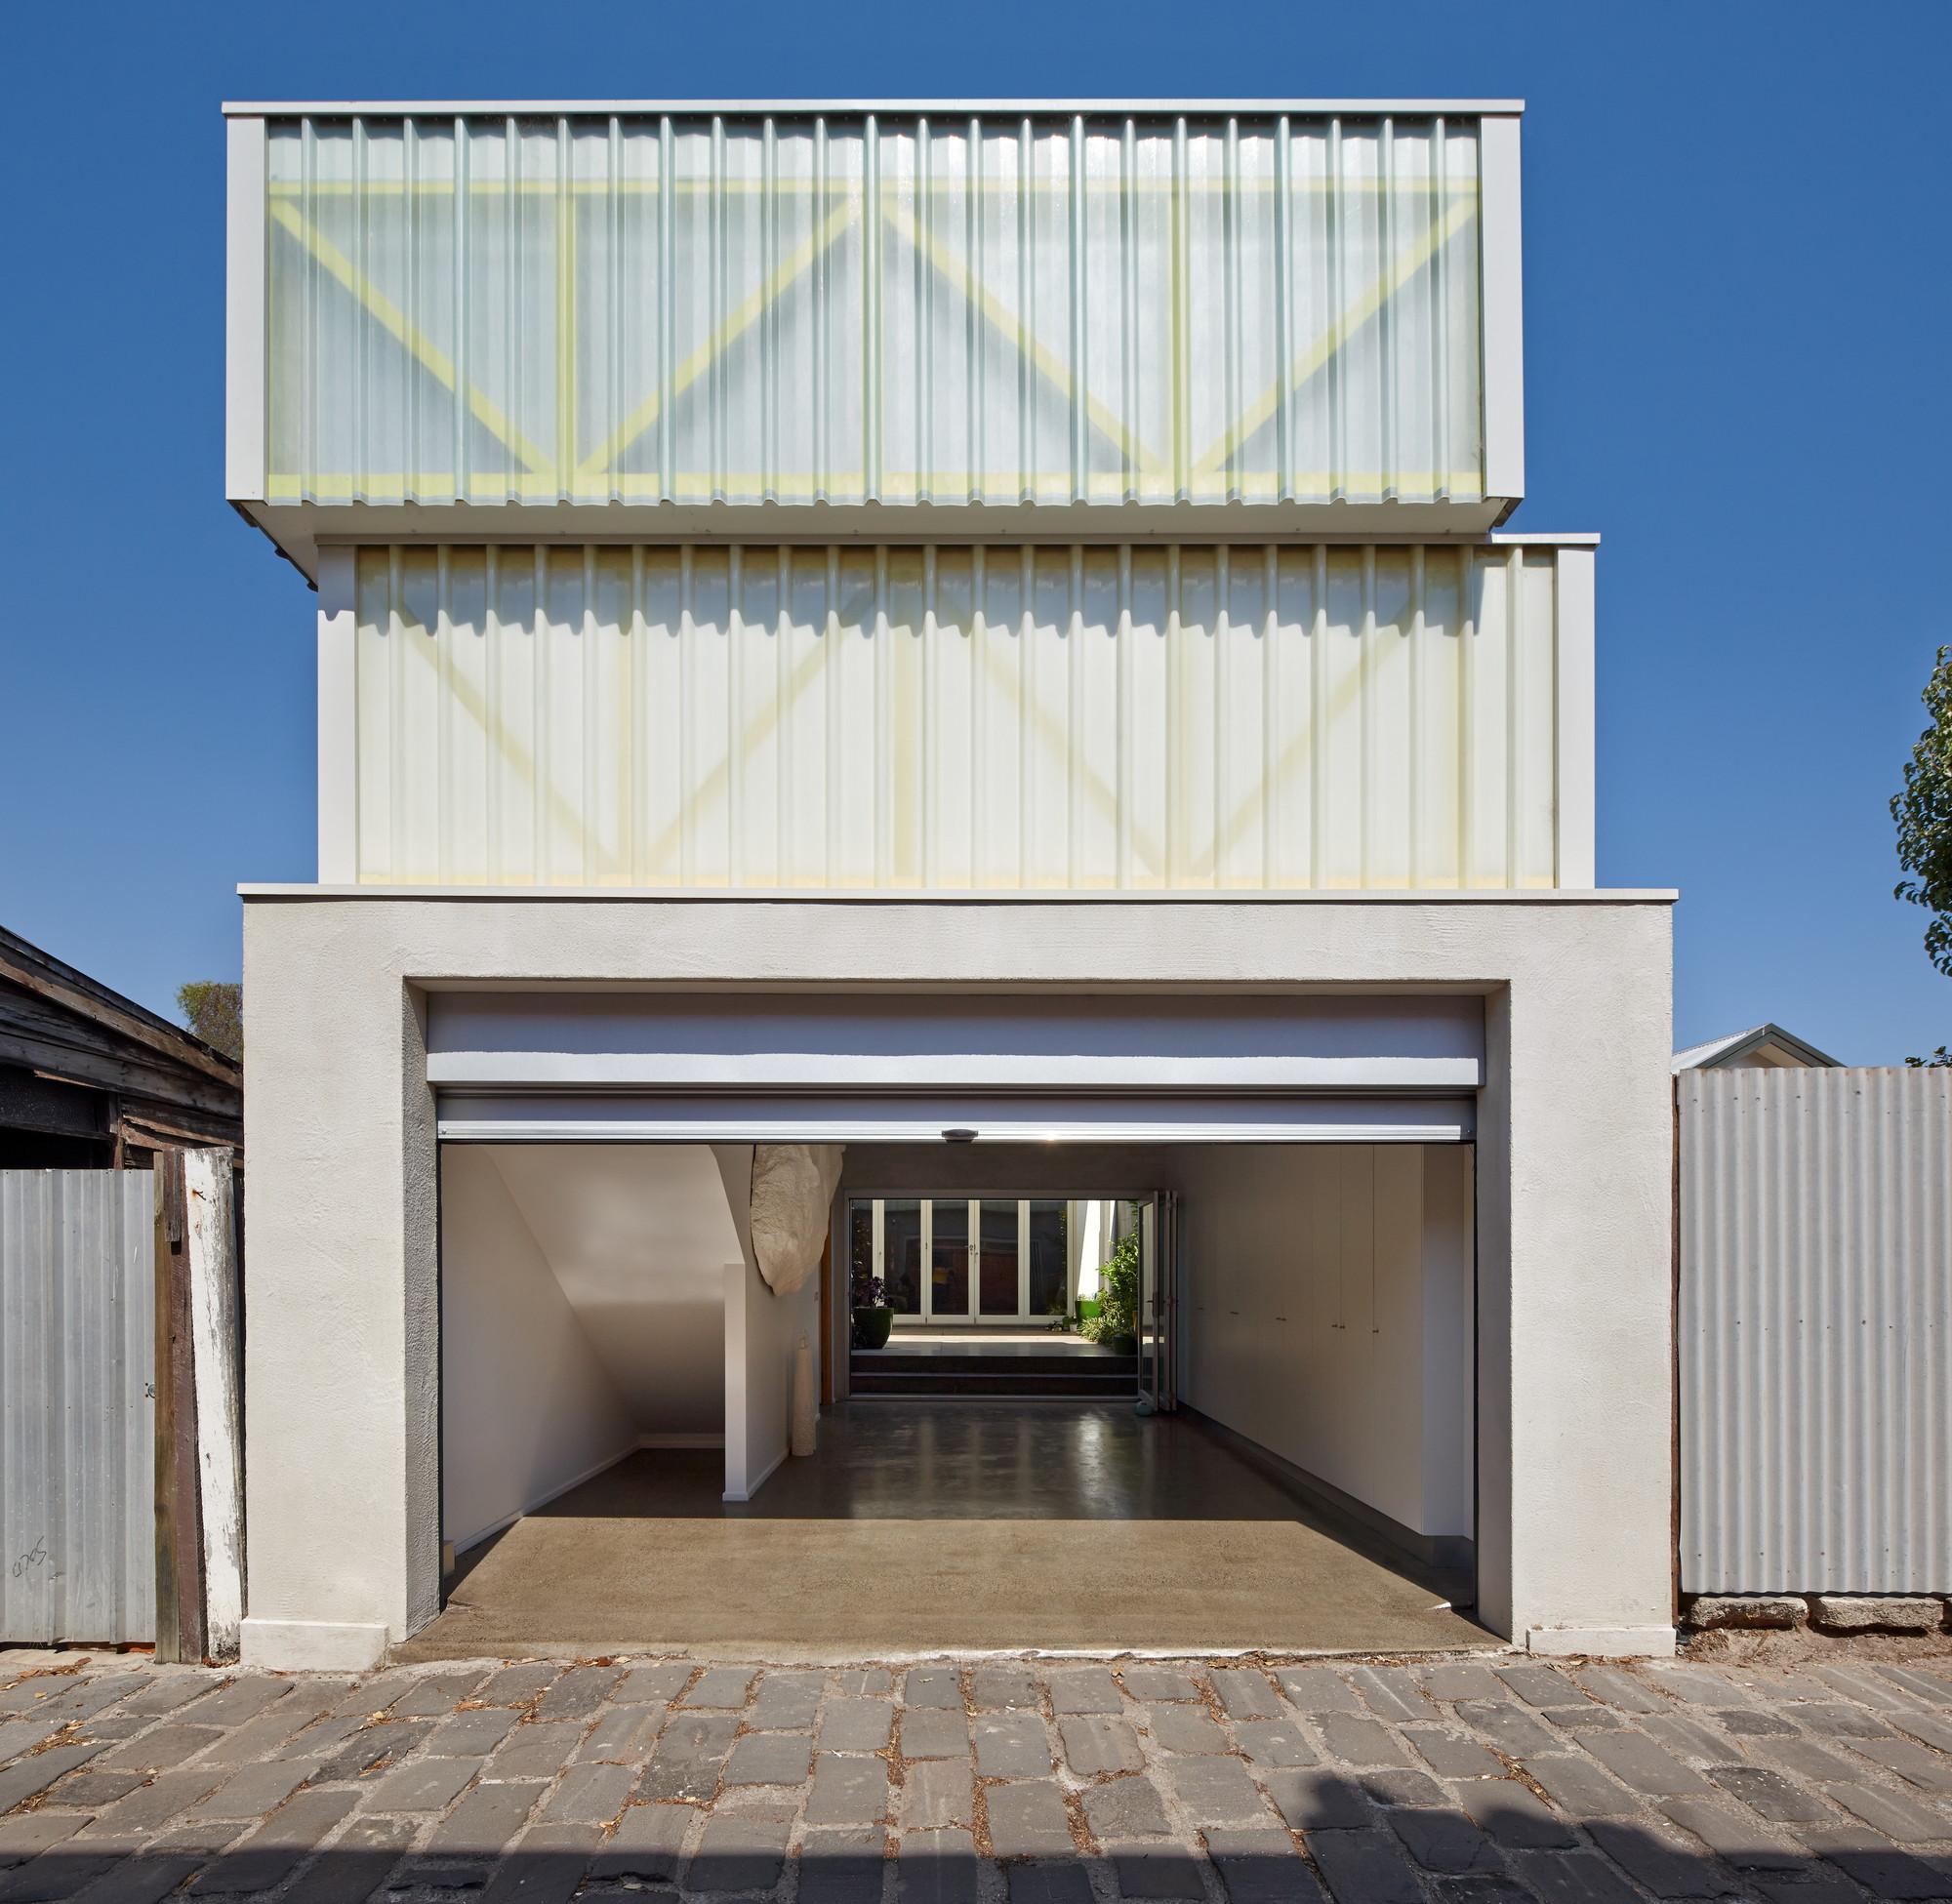 Estudio Middle Park / Jean-Paul Rollo Architects, © Peter Bennetts